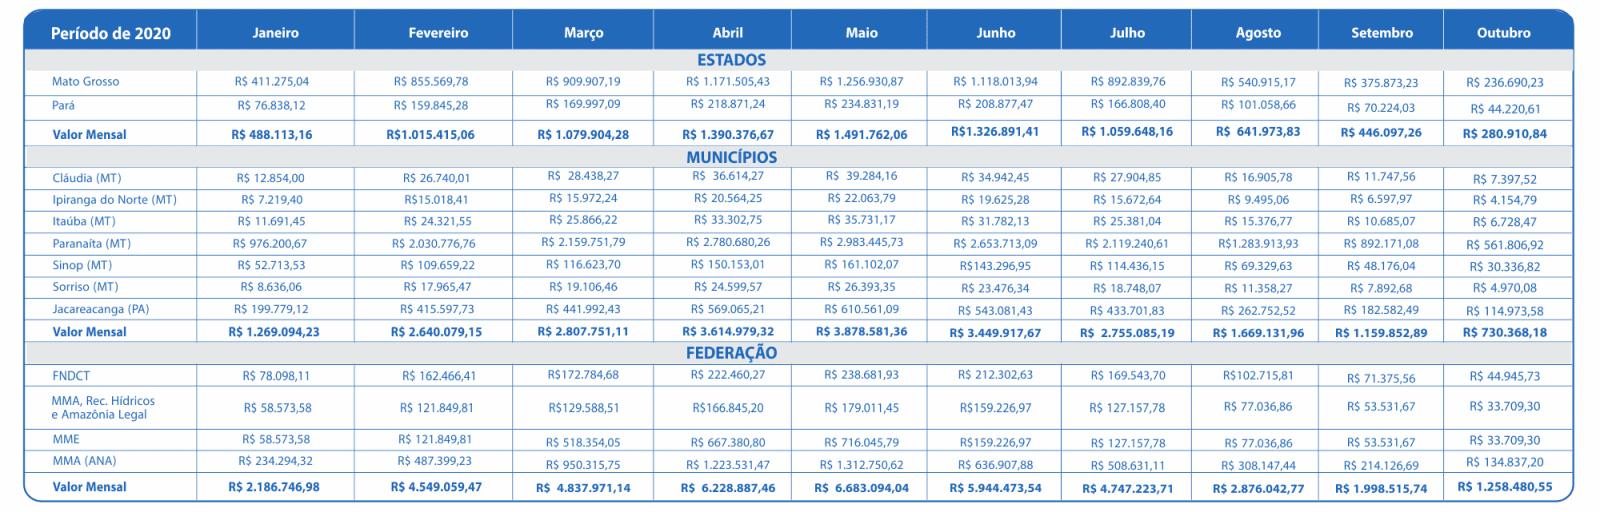 Outubro 2020 – Compensação Financeira UHE Teles Pires – Jacareacanga/PA e Paranaíta/MT